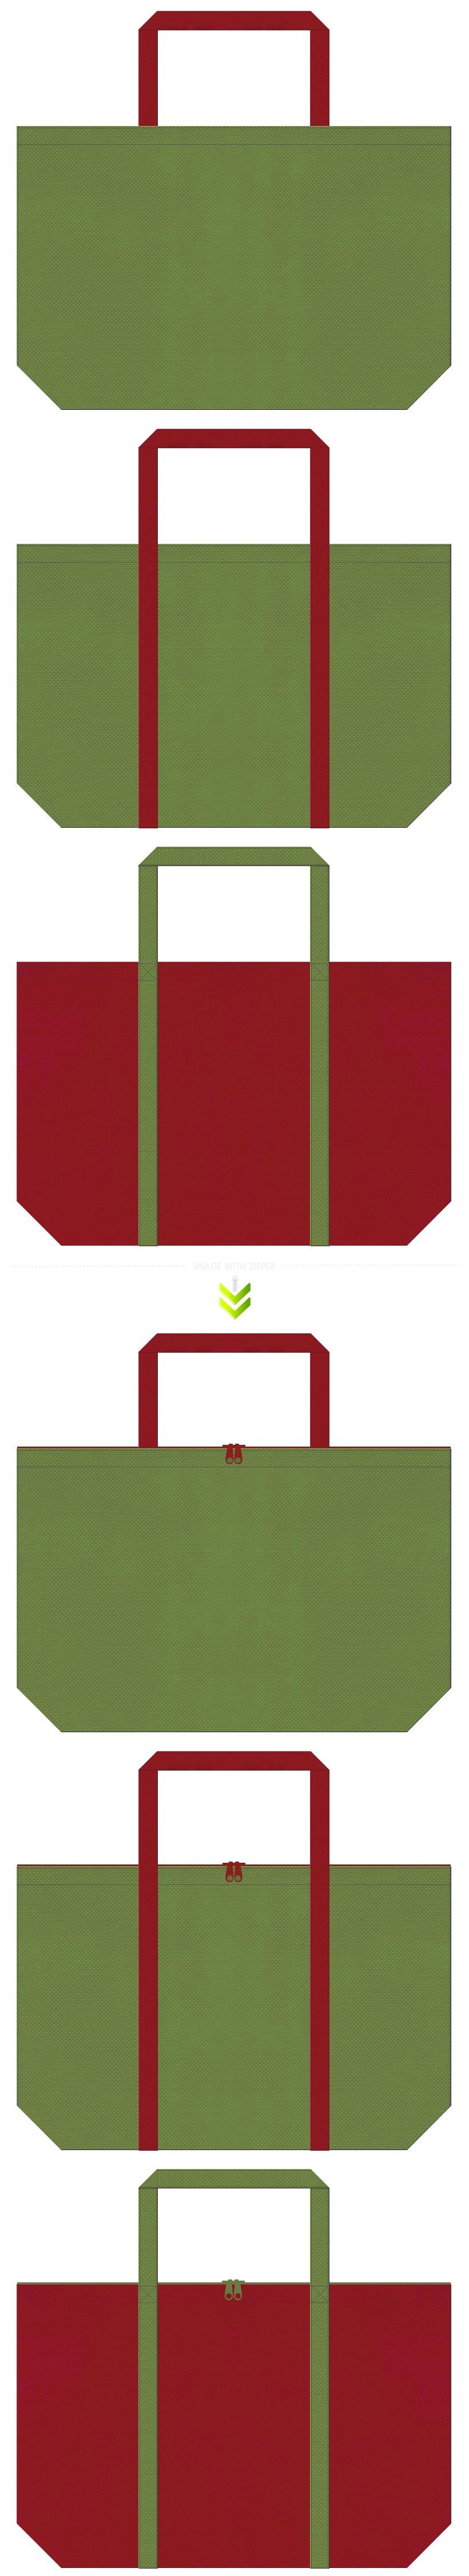 草色とエンジ色の不織布バッグデザイン。和雑貨のショッピングバッグ、着物クリーニングのバッグにお奨めです。